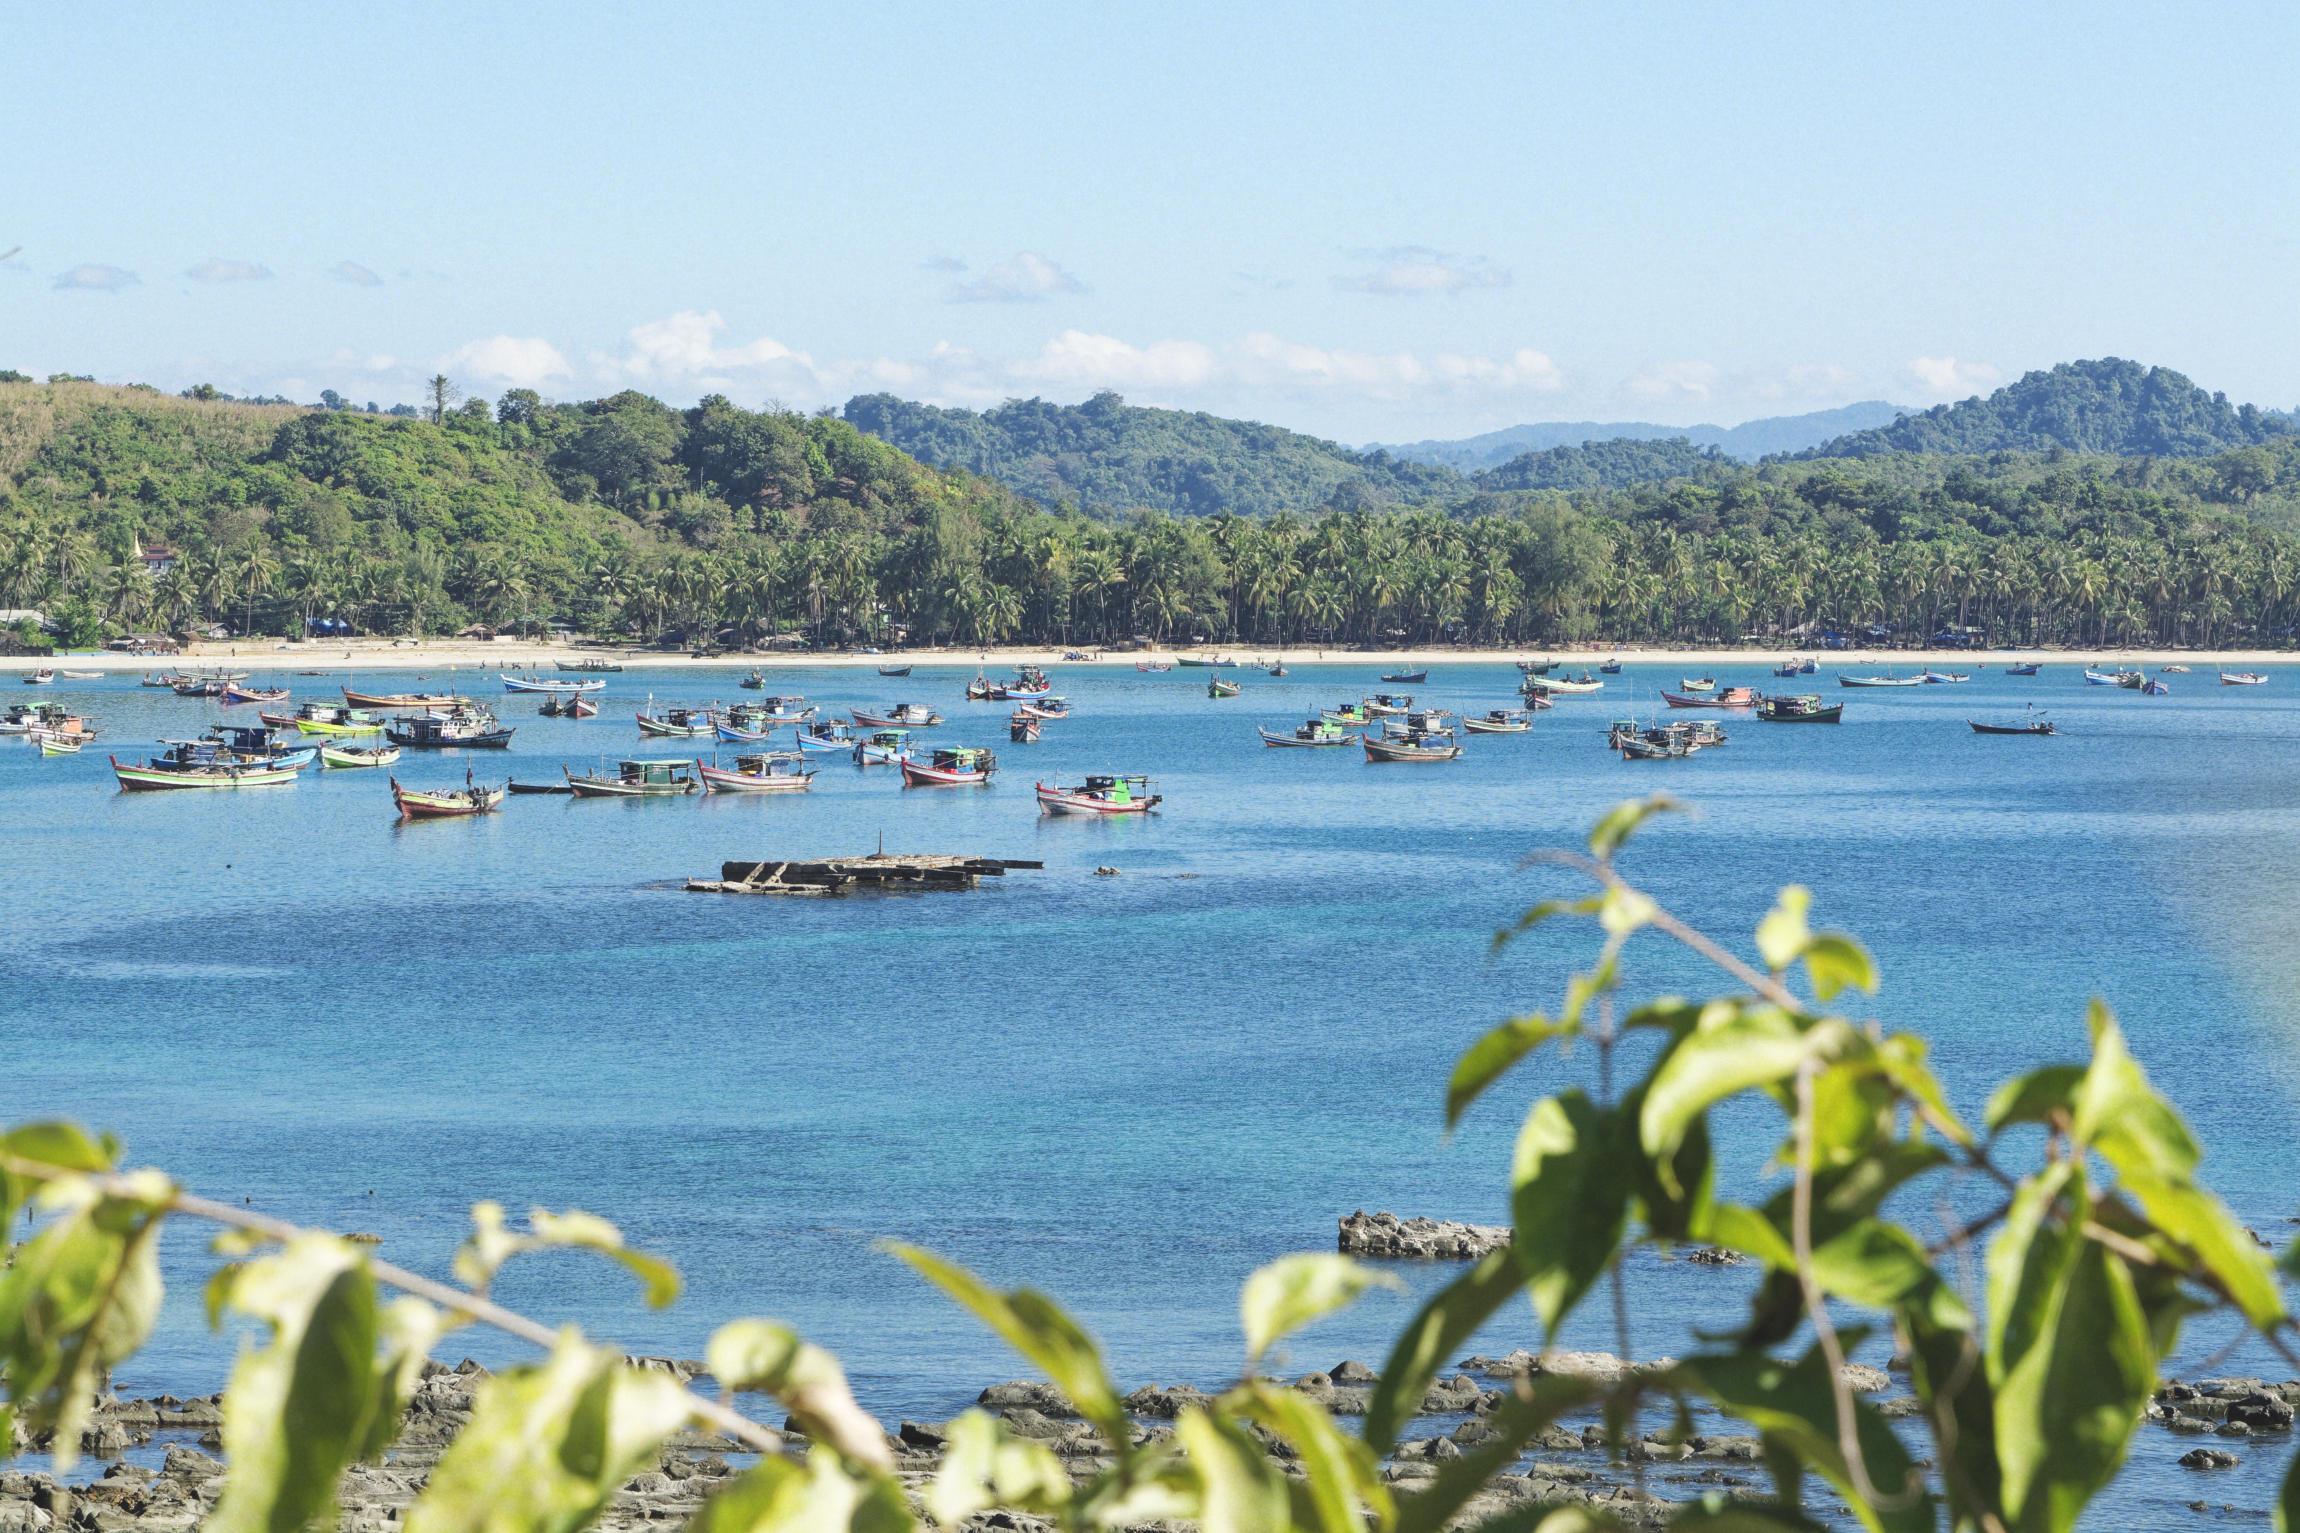 Ngapali bateaux